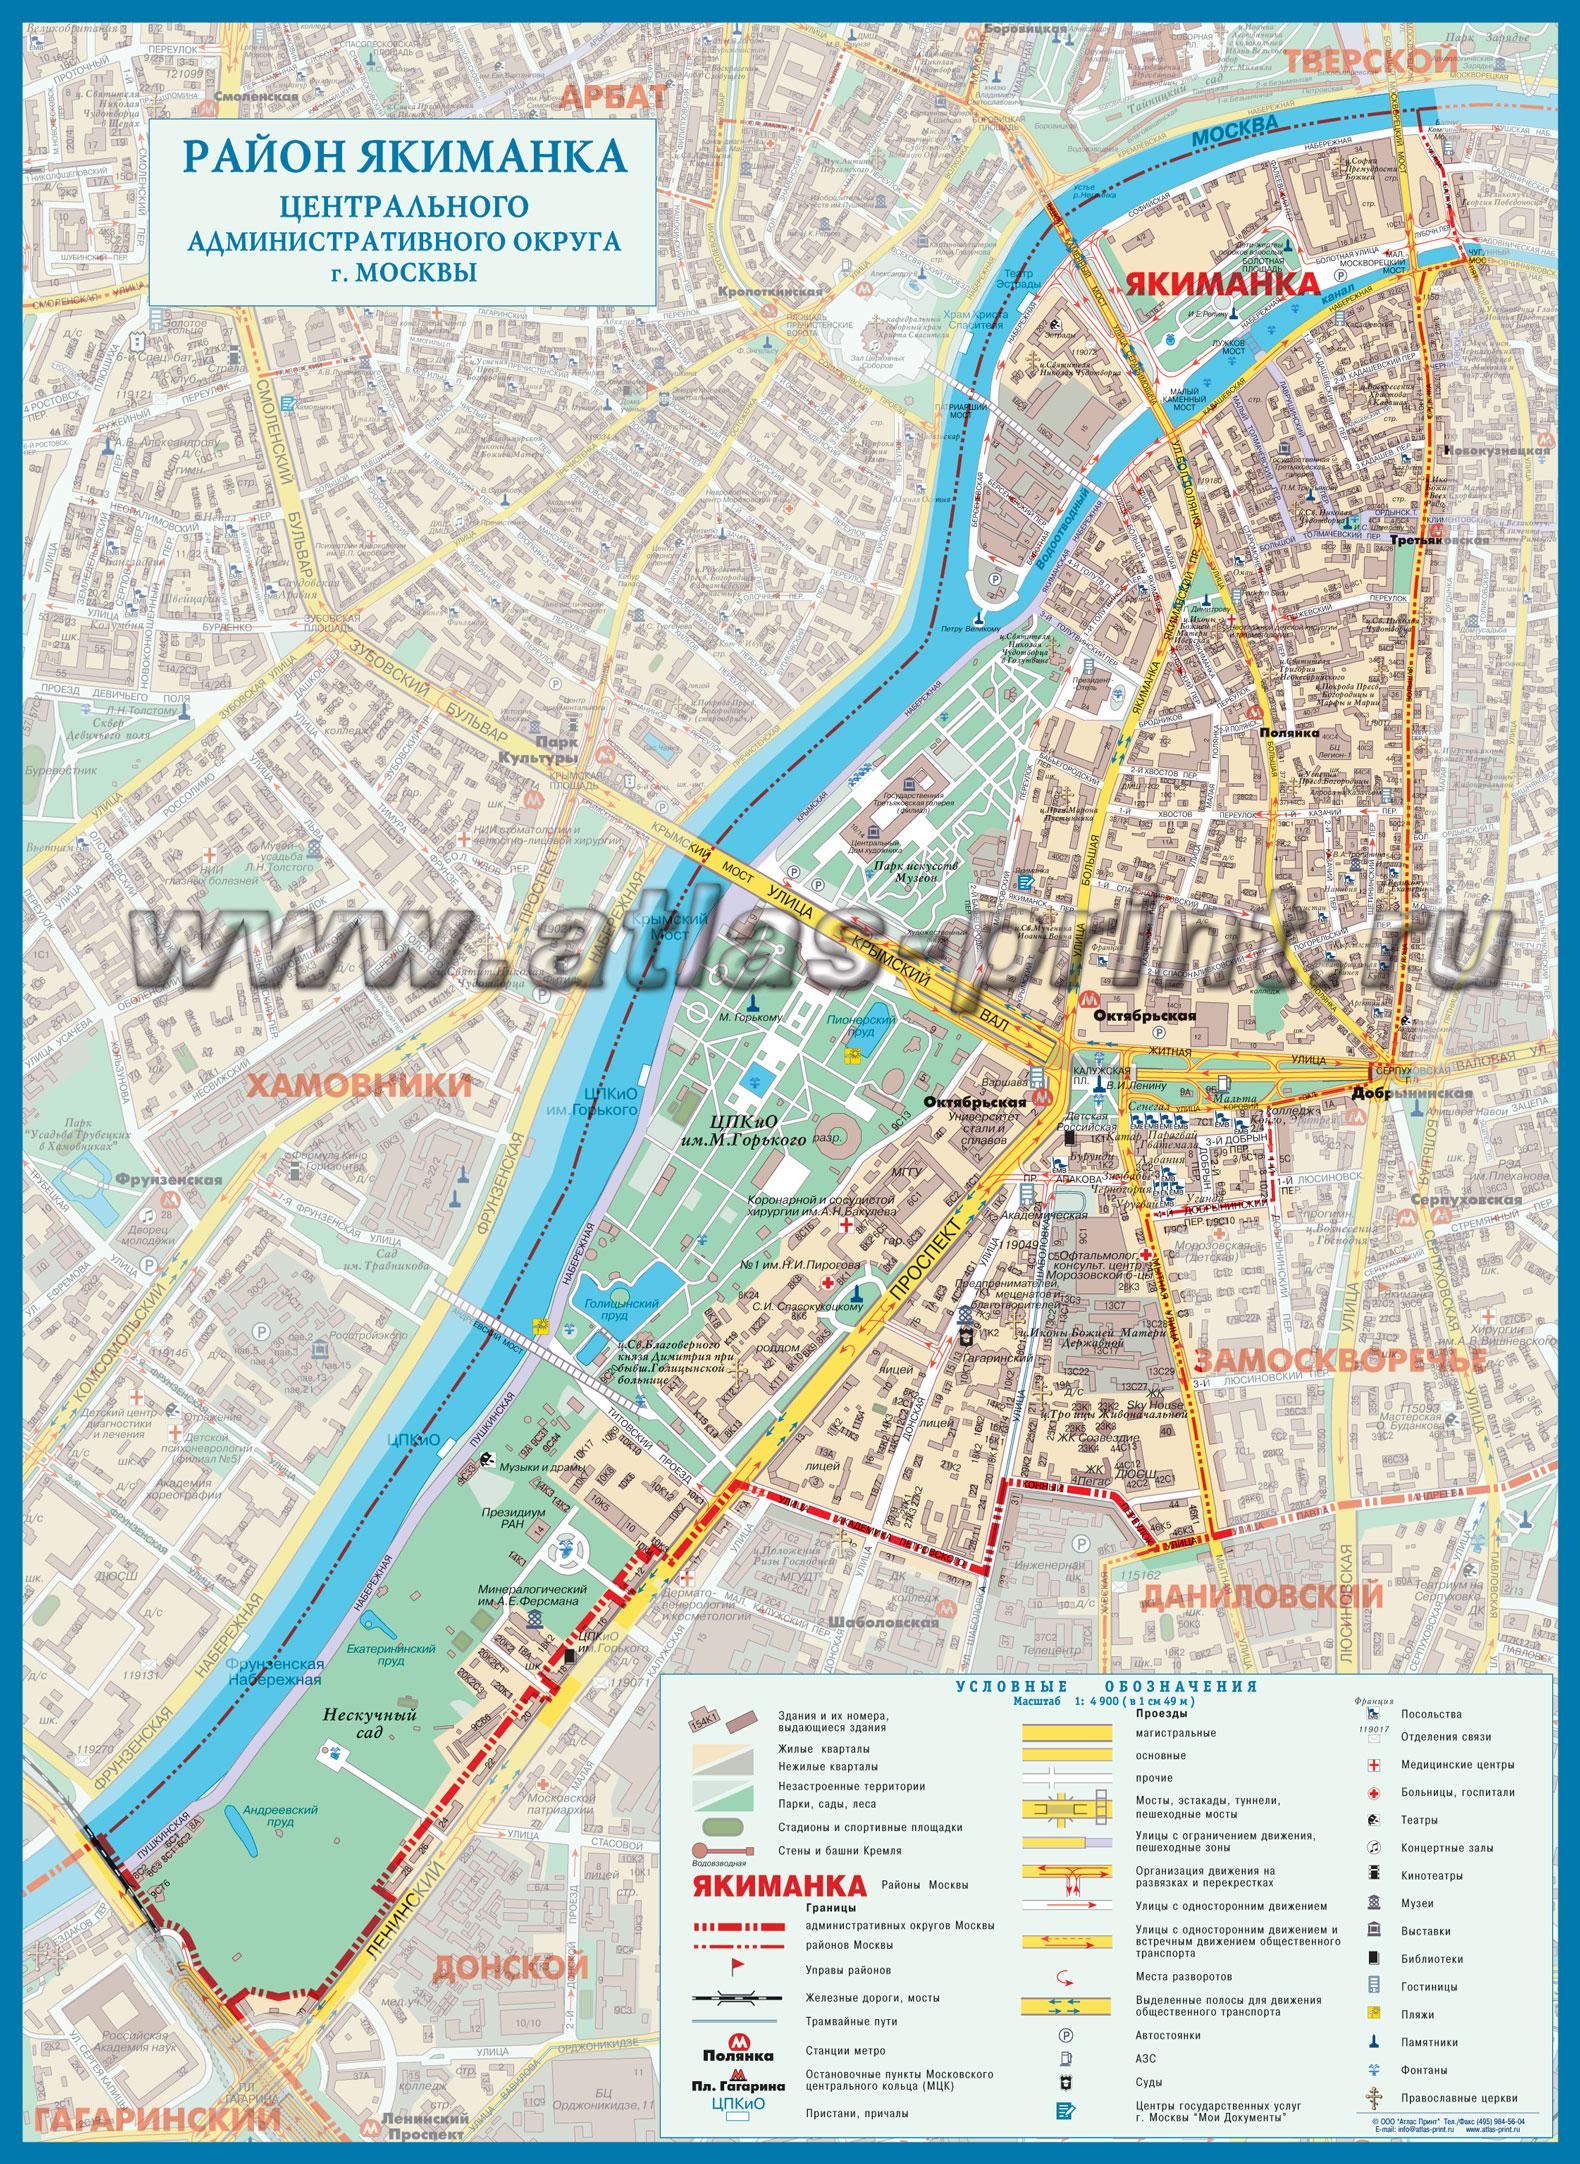 Настенная карта района Якиманка г.Москвы 0,73*1,00 м, ламинированная